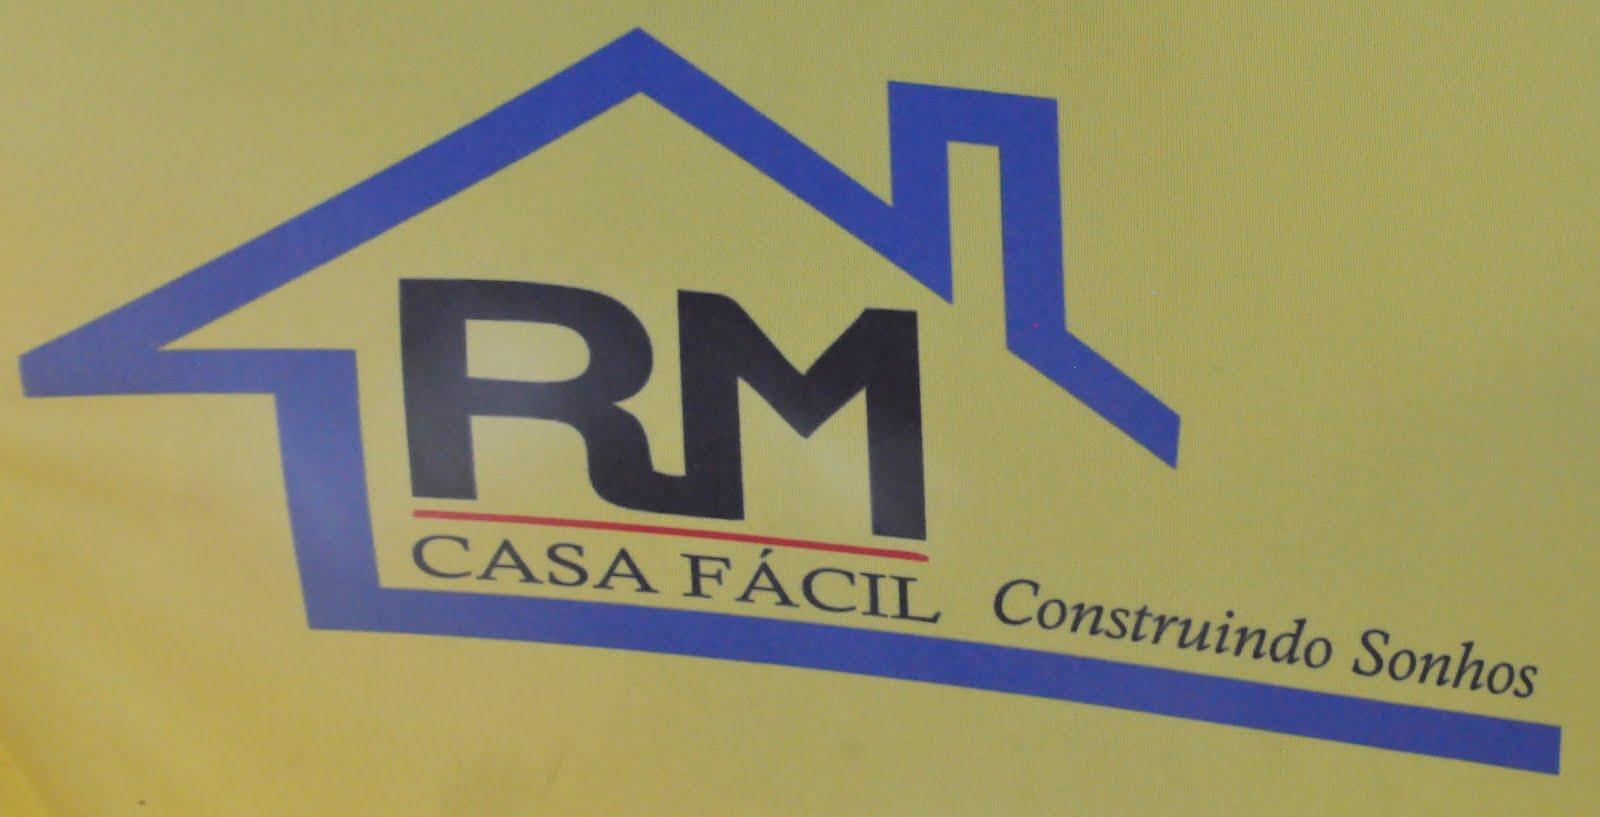 RM Casa Fácil